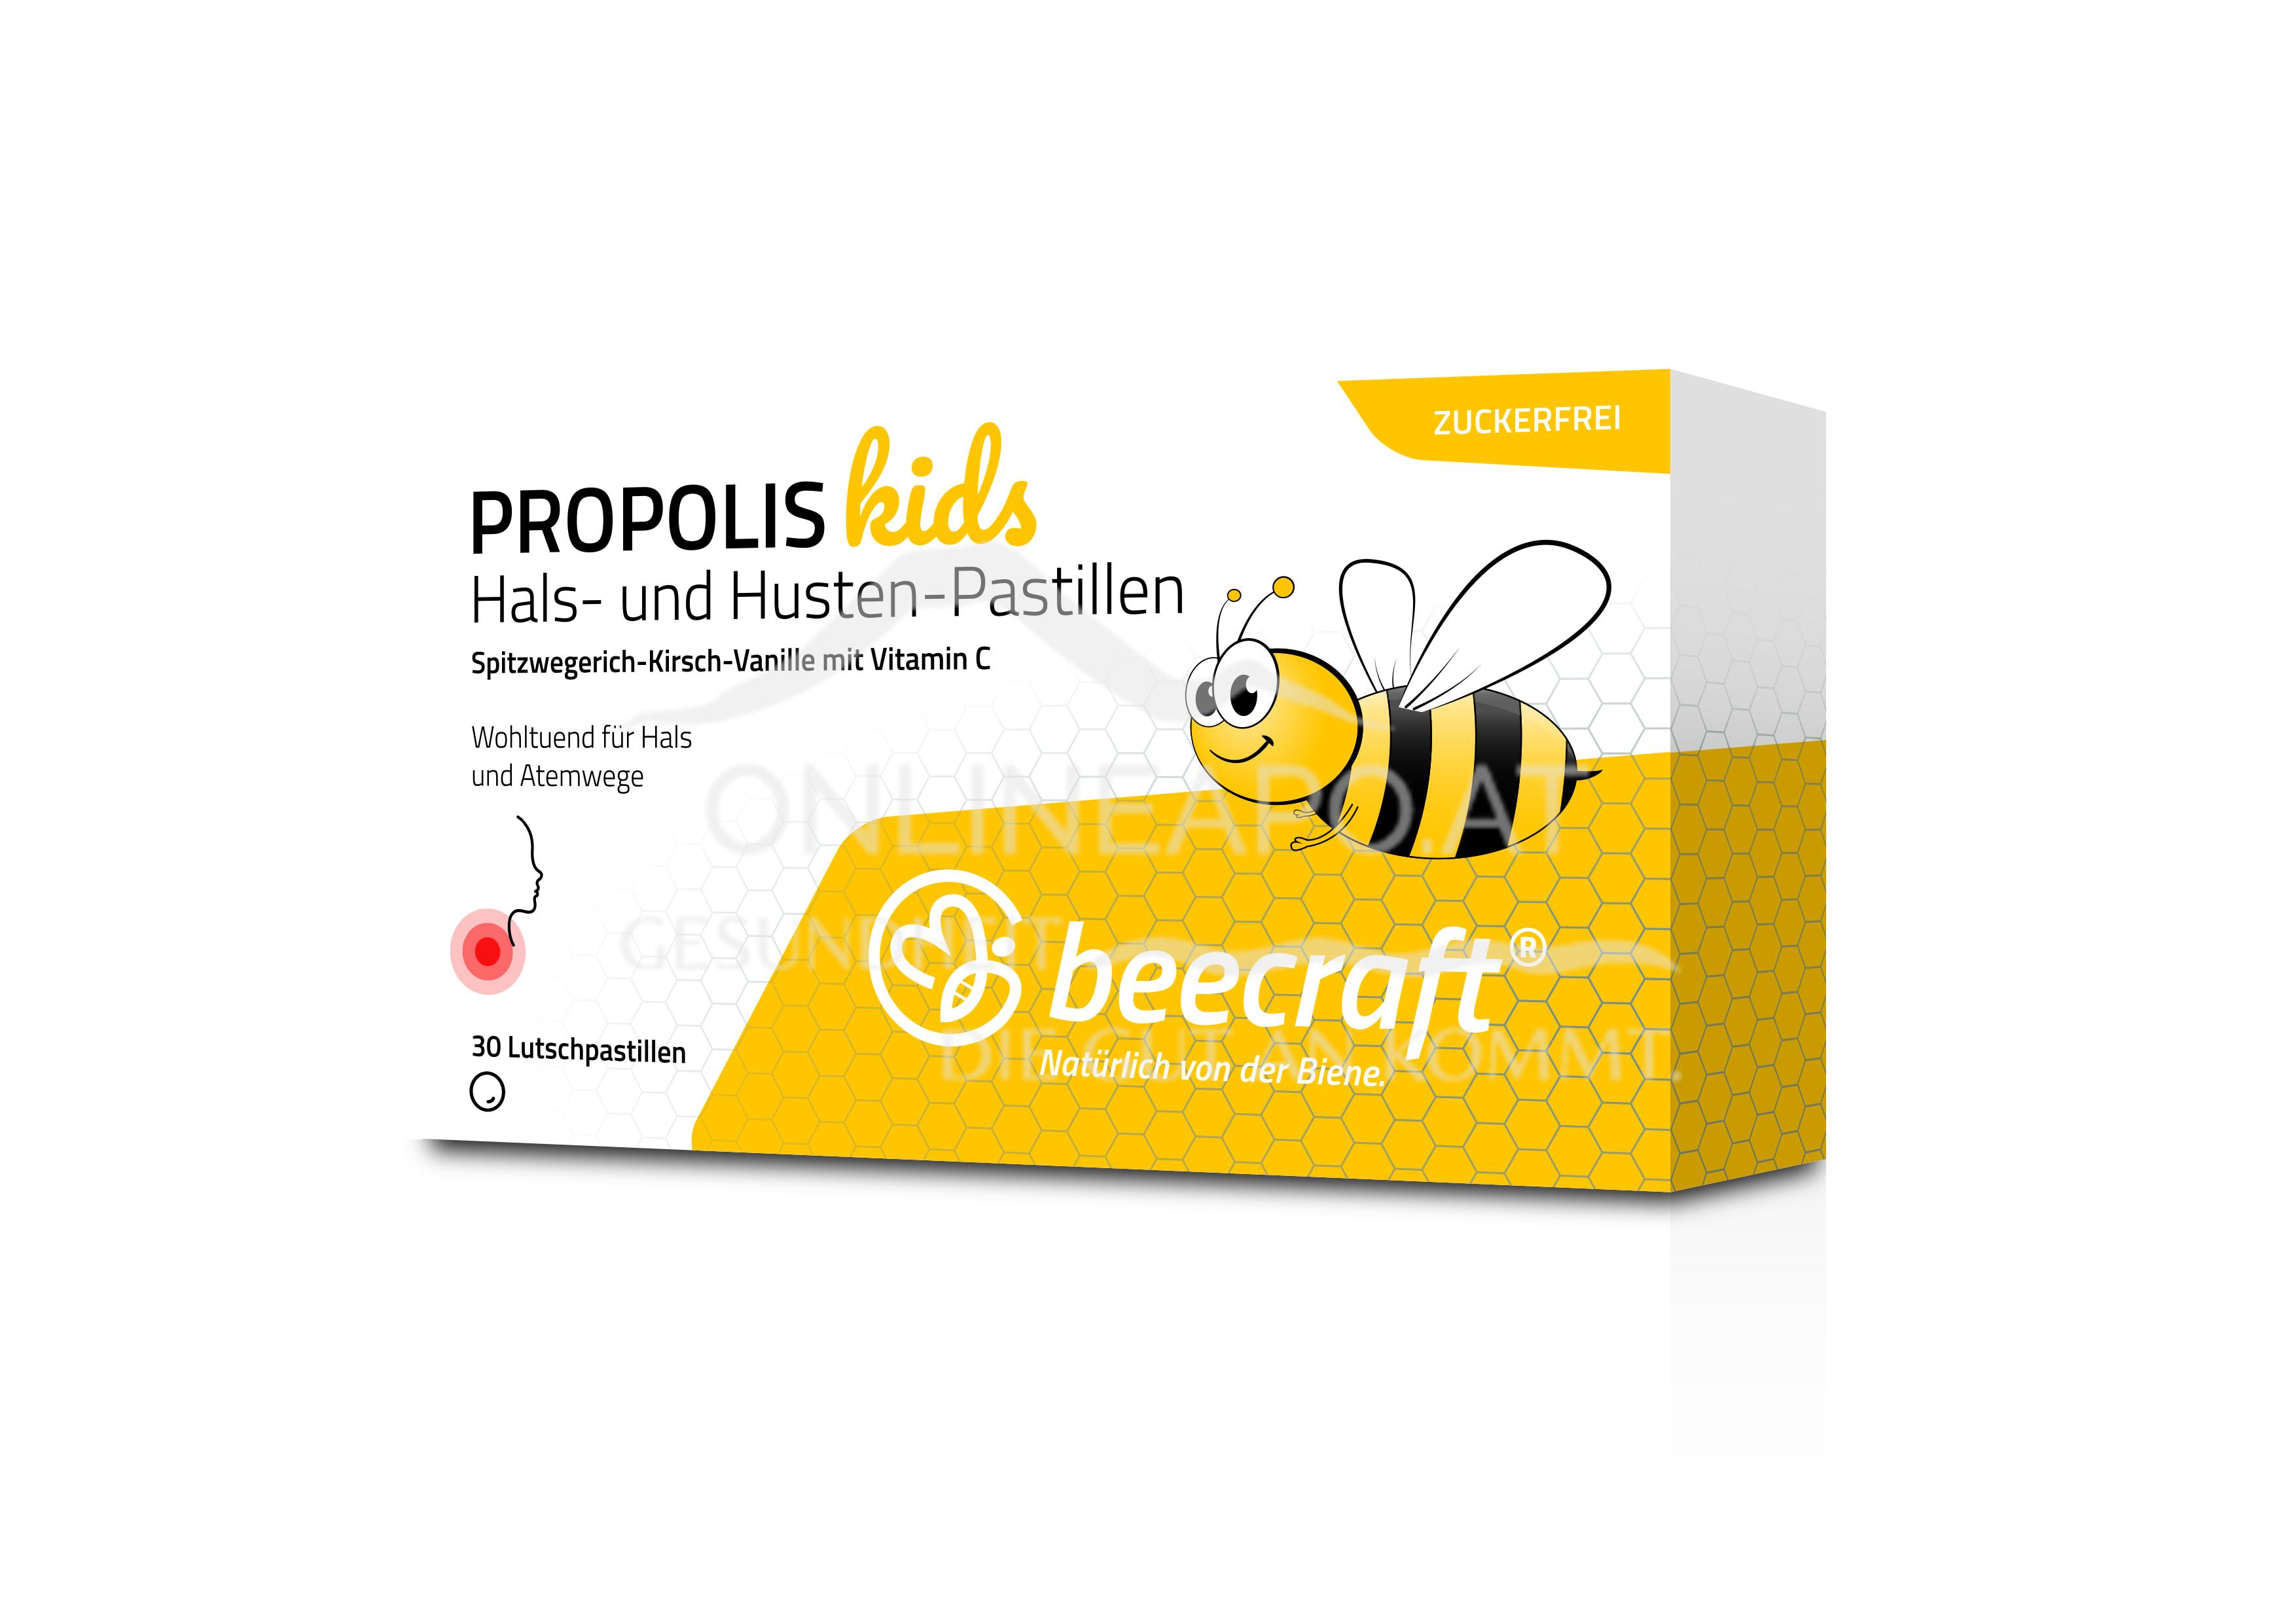 beecraft® Propolis Hals- und Husten-Pastillen für Kinder